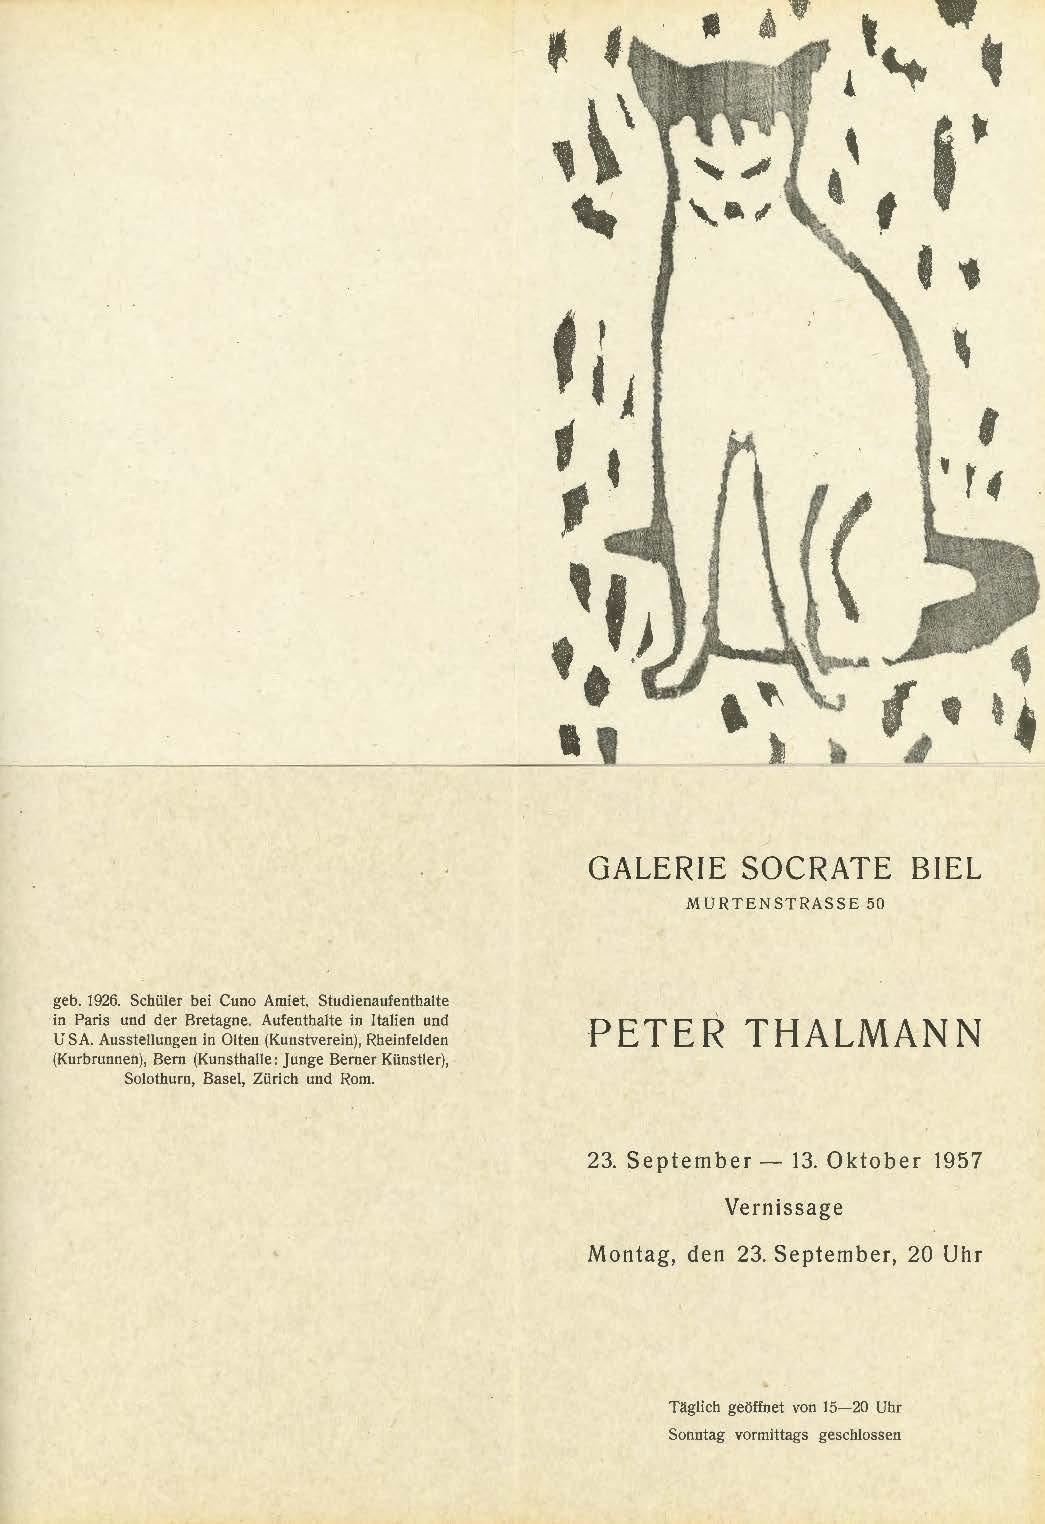 1957, Galerie Socrate Biel: Einladung